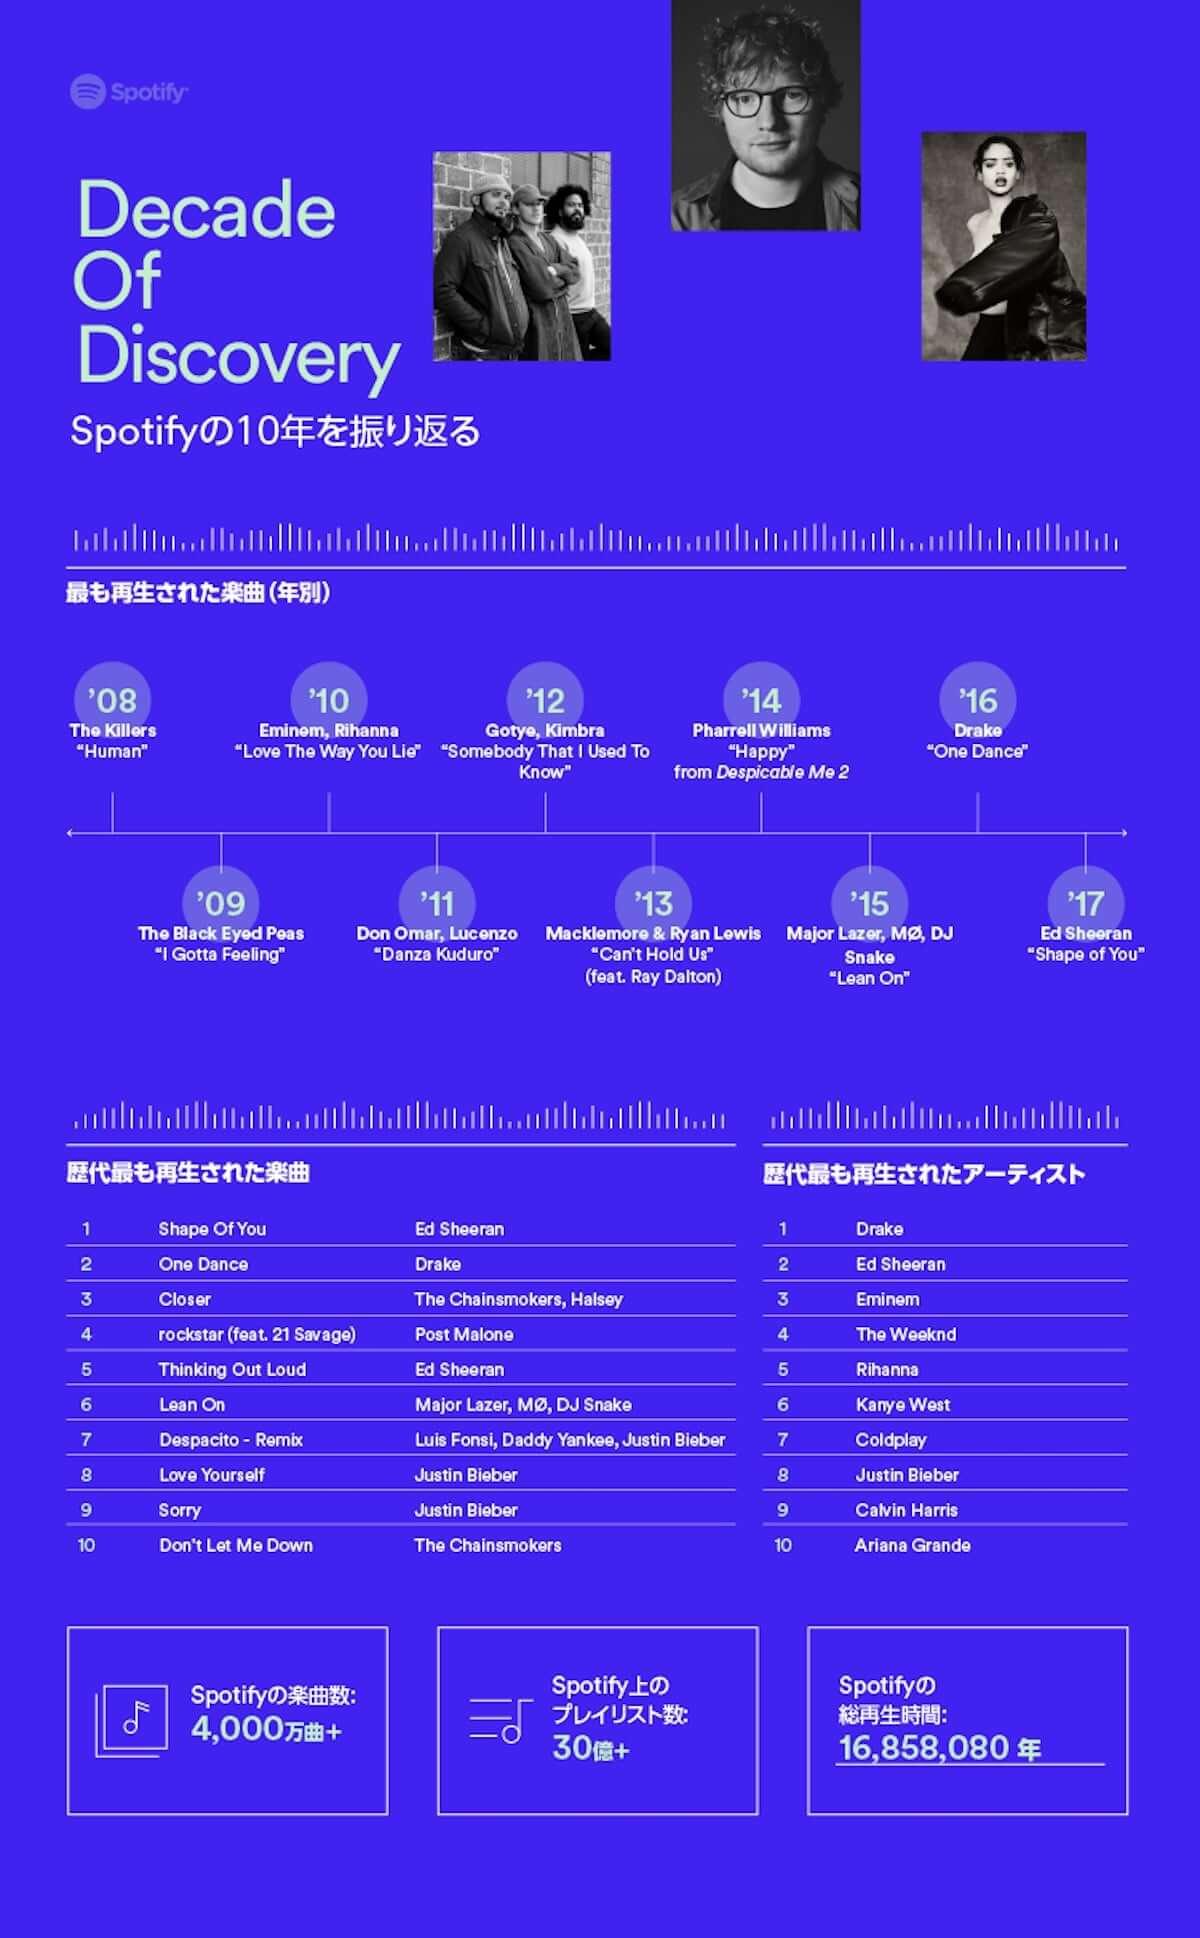 Spotifyサービス開始10年で総再生時間16,858,080年!?Spotifyで最も再生された楽曲は? music181011_spotify_2-1200x1938